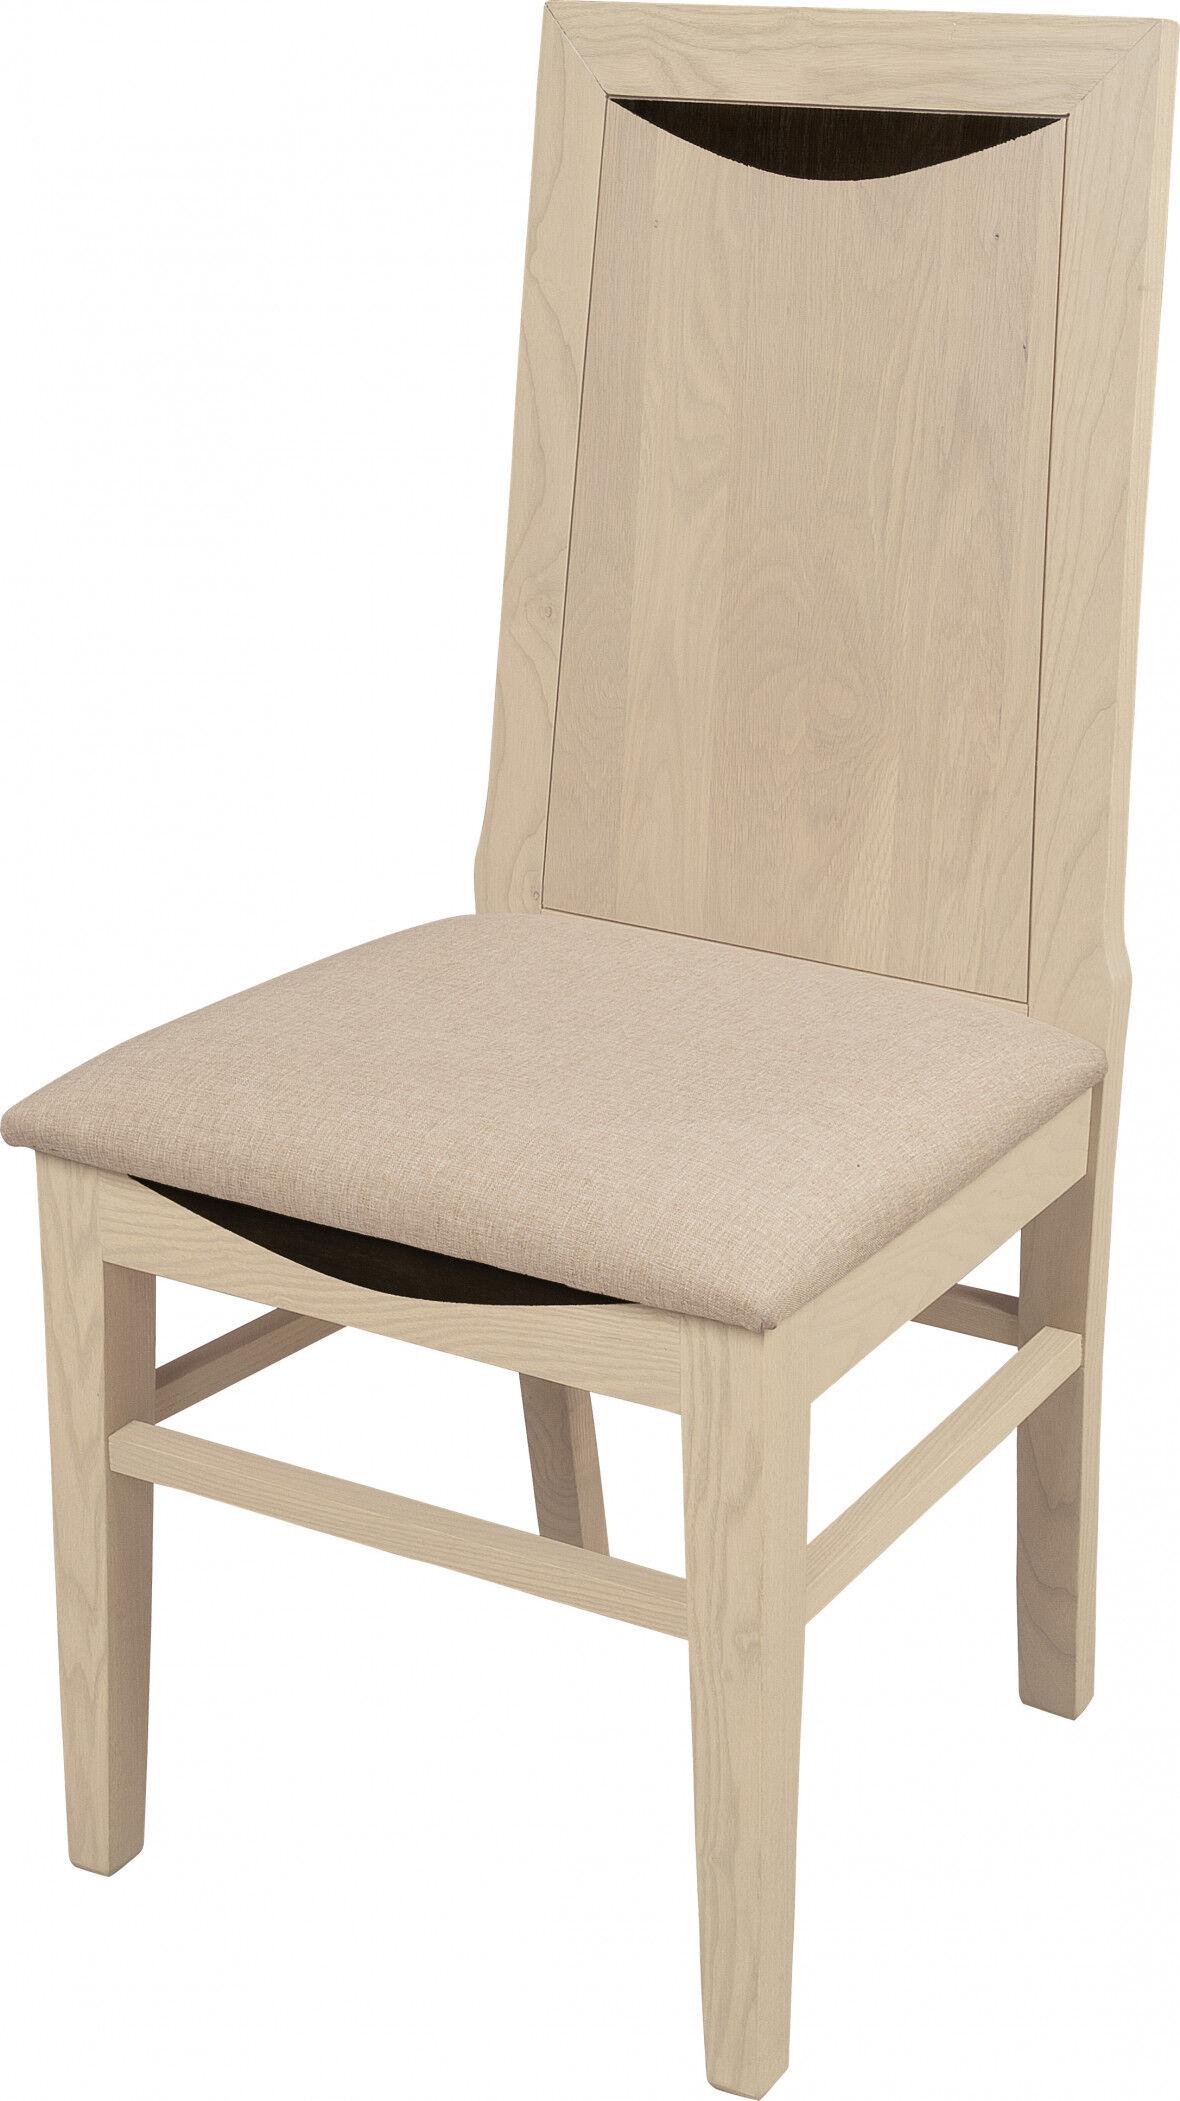 Chaise chêne massif blanc pierre assise tapissés dossier bois